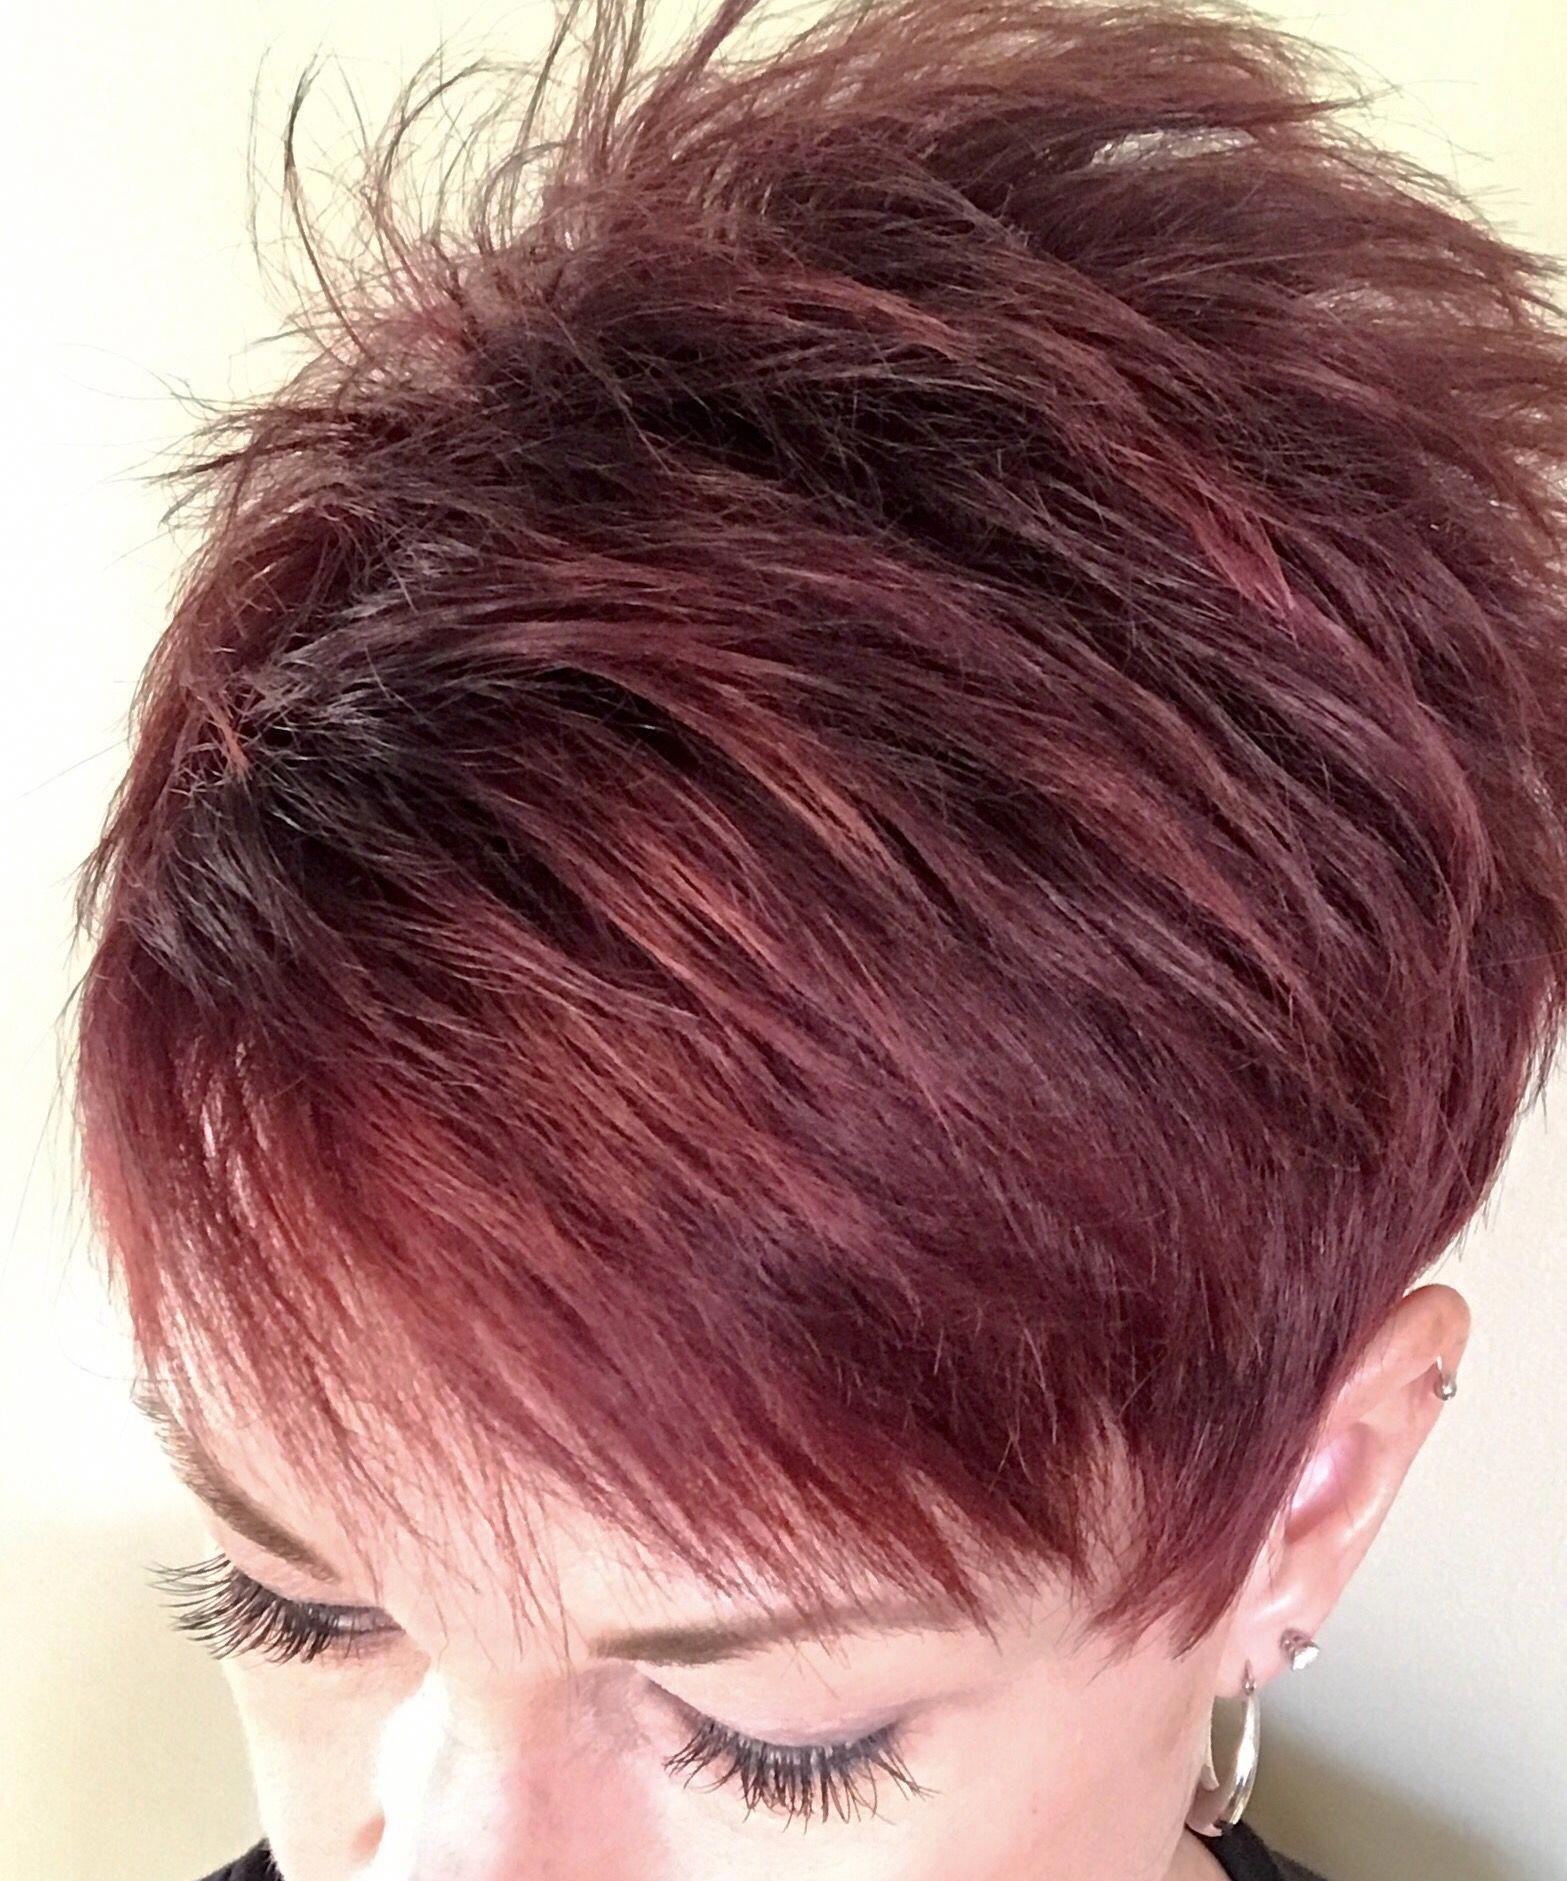 Hairstyles Short Hair Red Hairstyles In 2019 Pinterest And With Hair Hairstyles Shorthairc Short Red Hair Short Hair Styles Cute Hairstyles For Short Hair